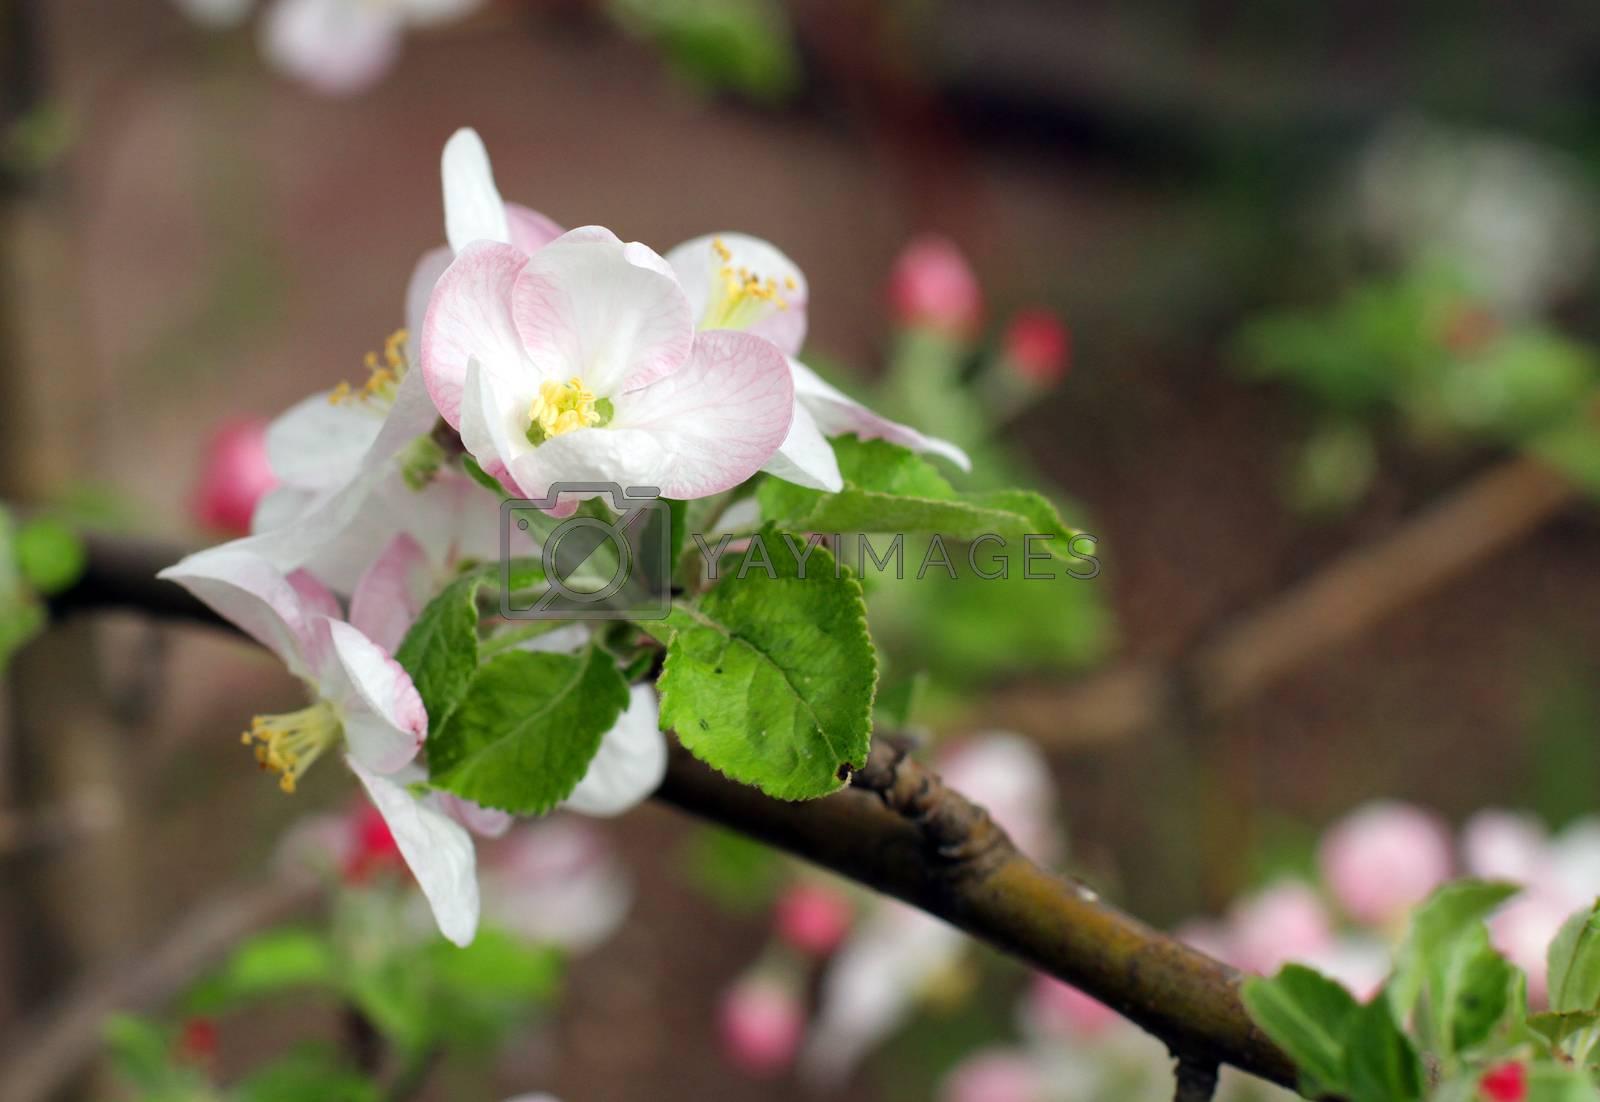 Royalty free image of Blooming apple-tree by Yarvet